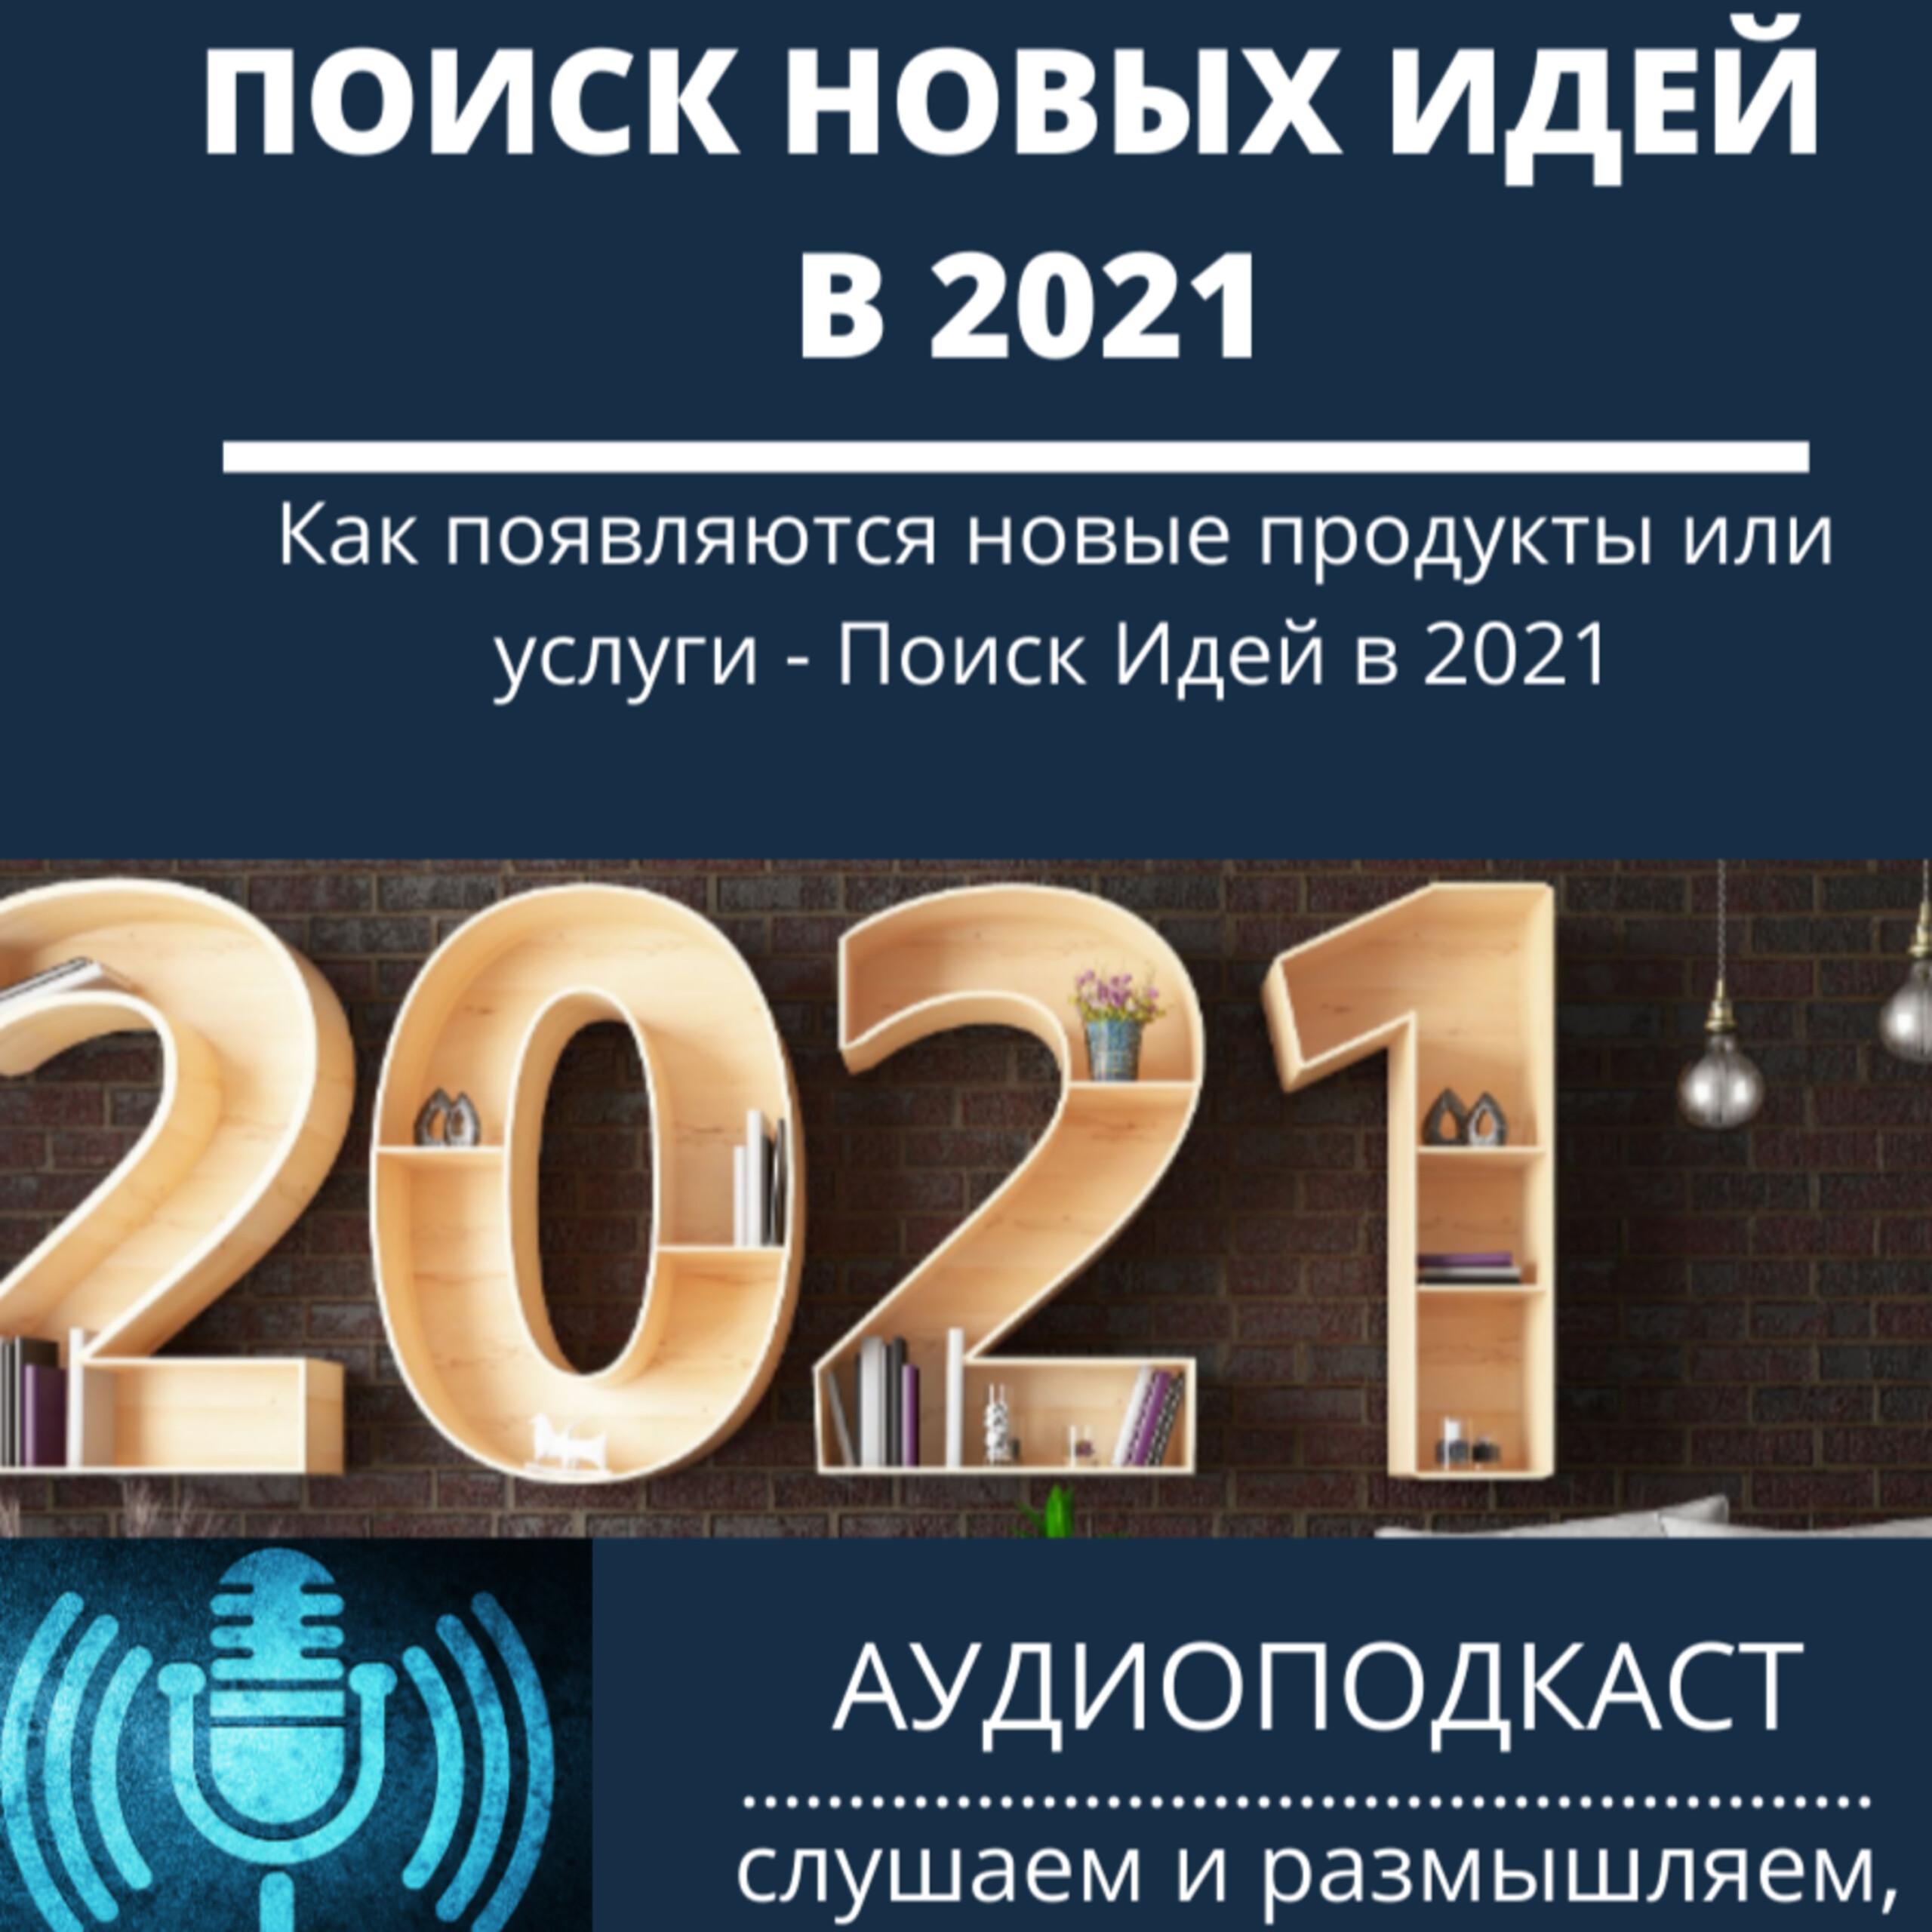 Поиск Идей в 2021: Как появляются новые продукты или услуги?